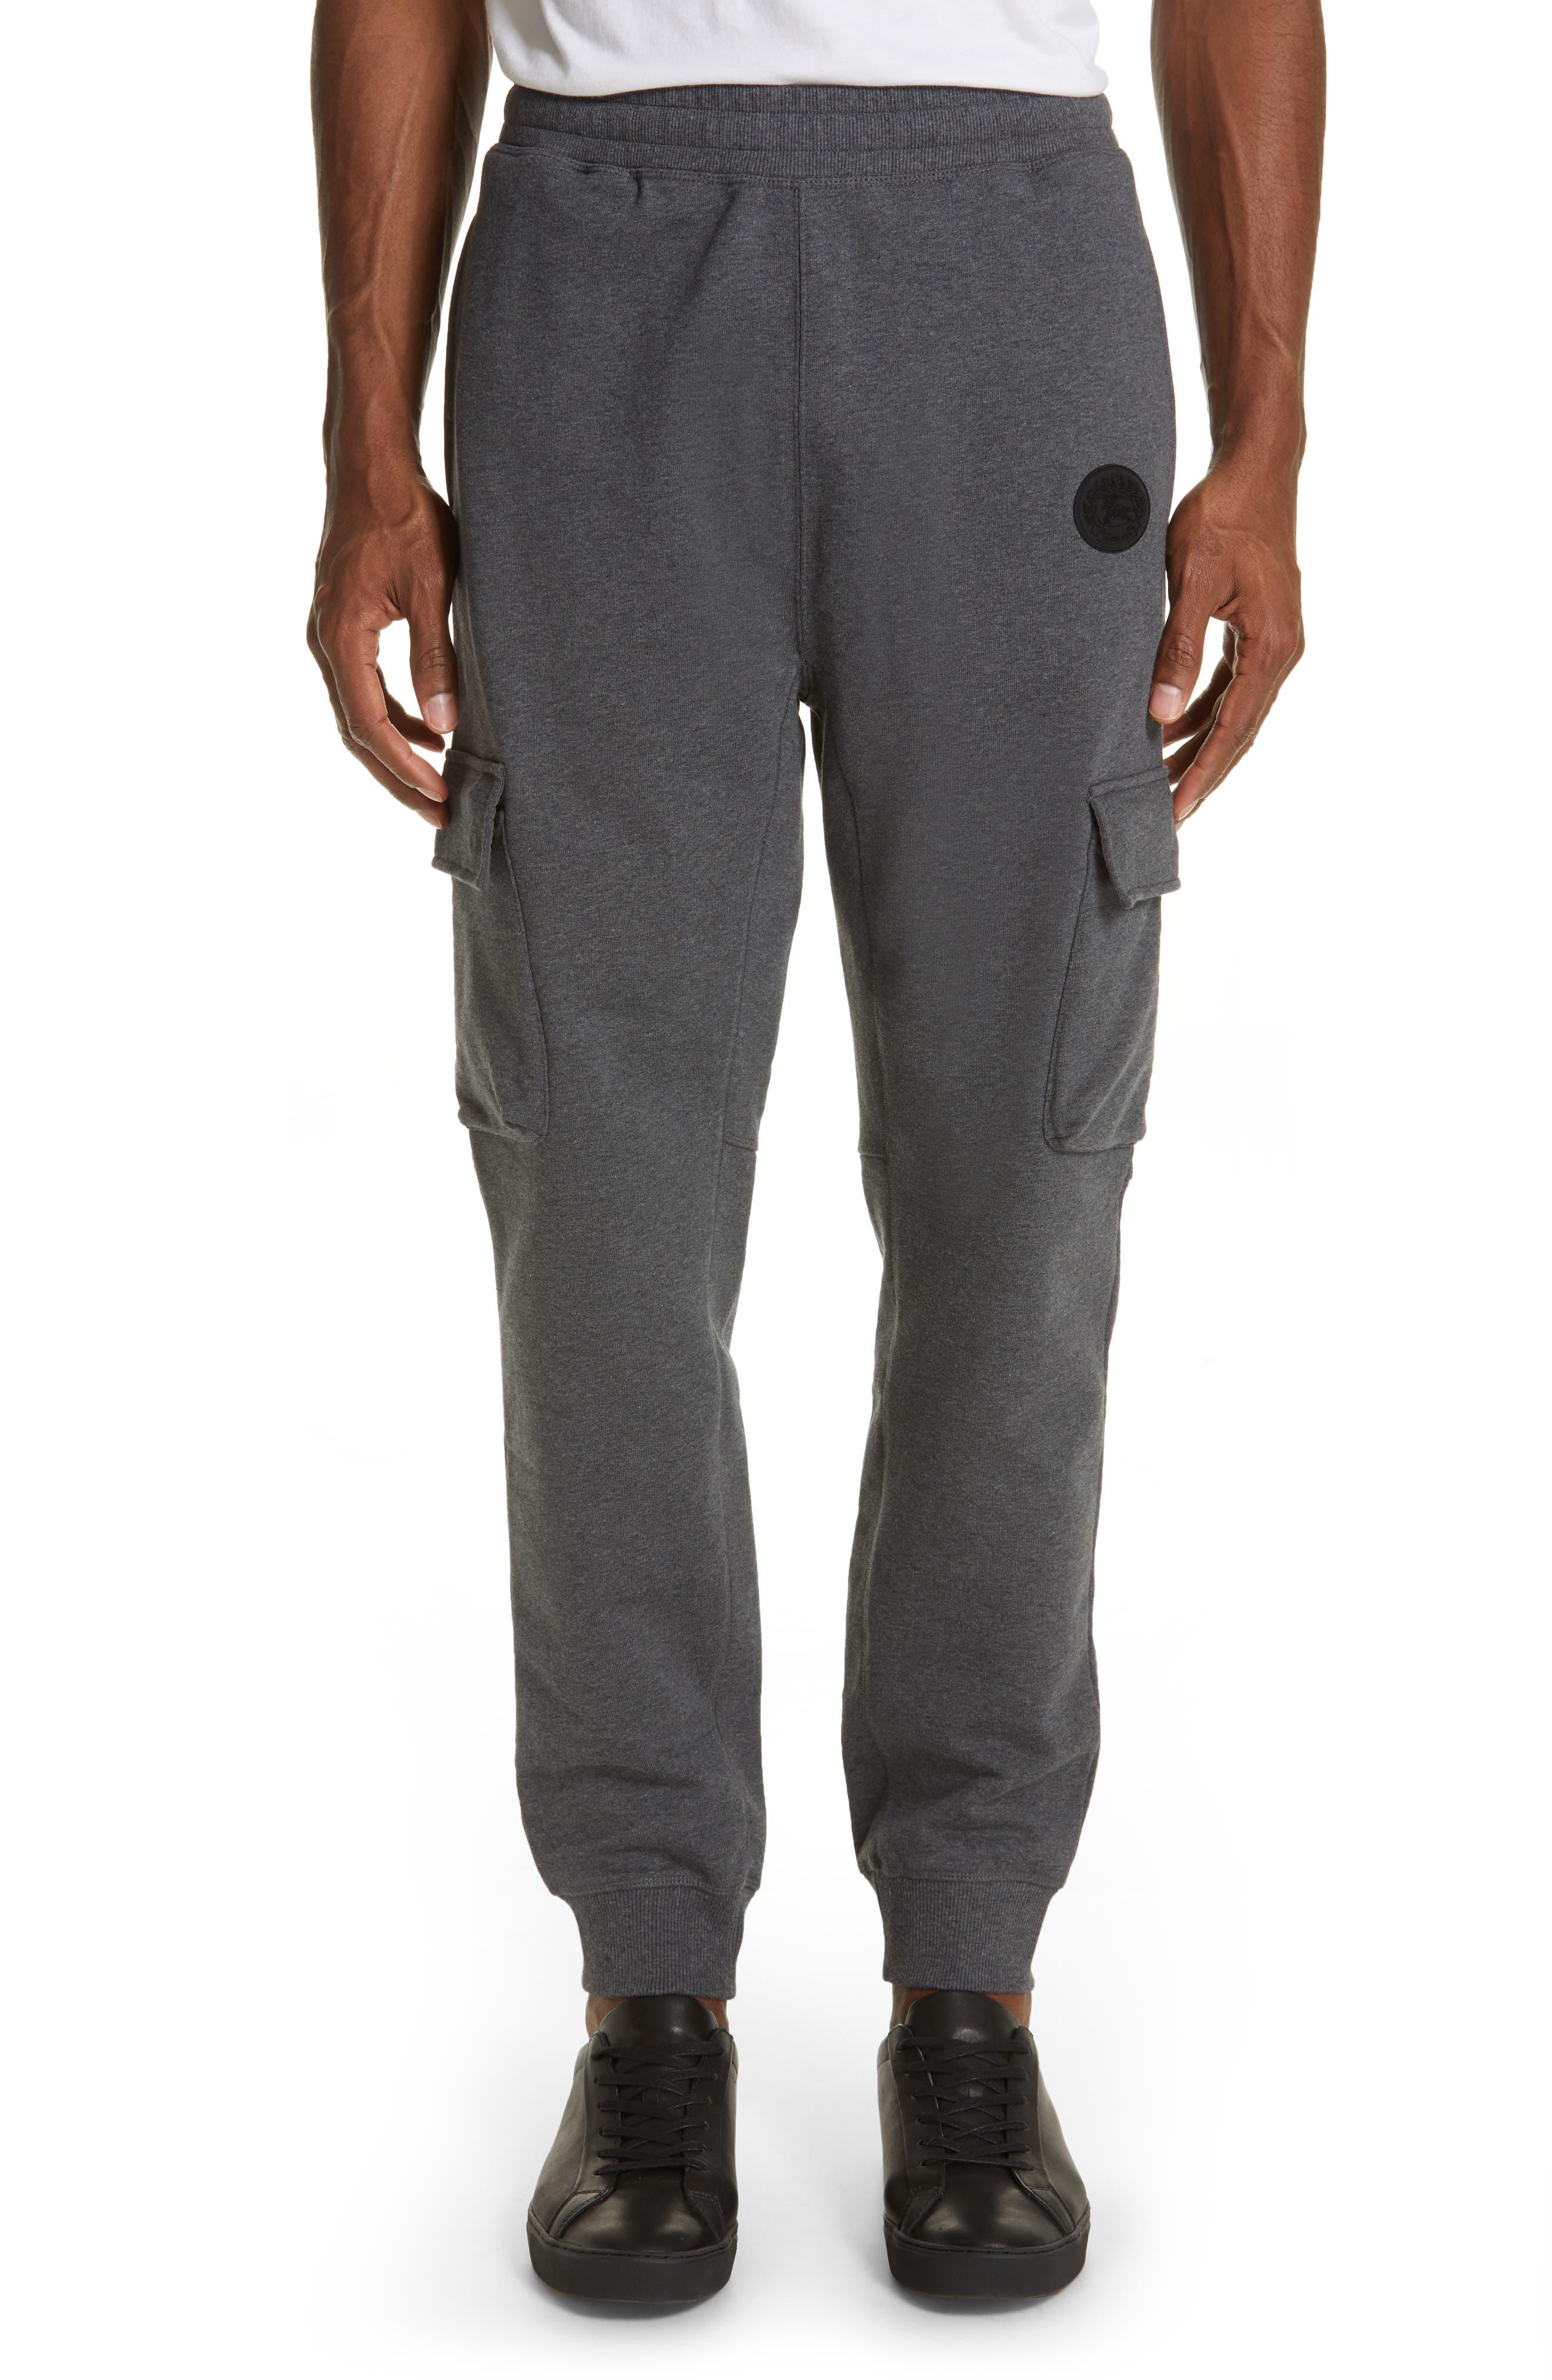 Burberry Cargo Jogger Pants, Grey